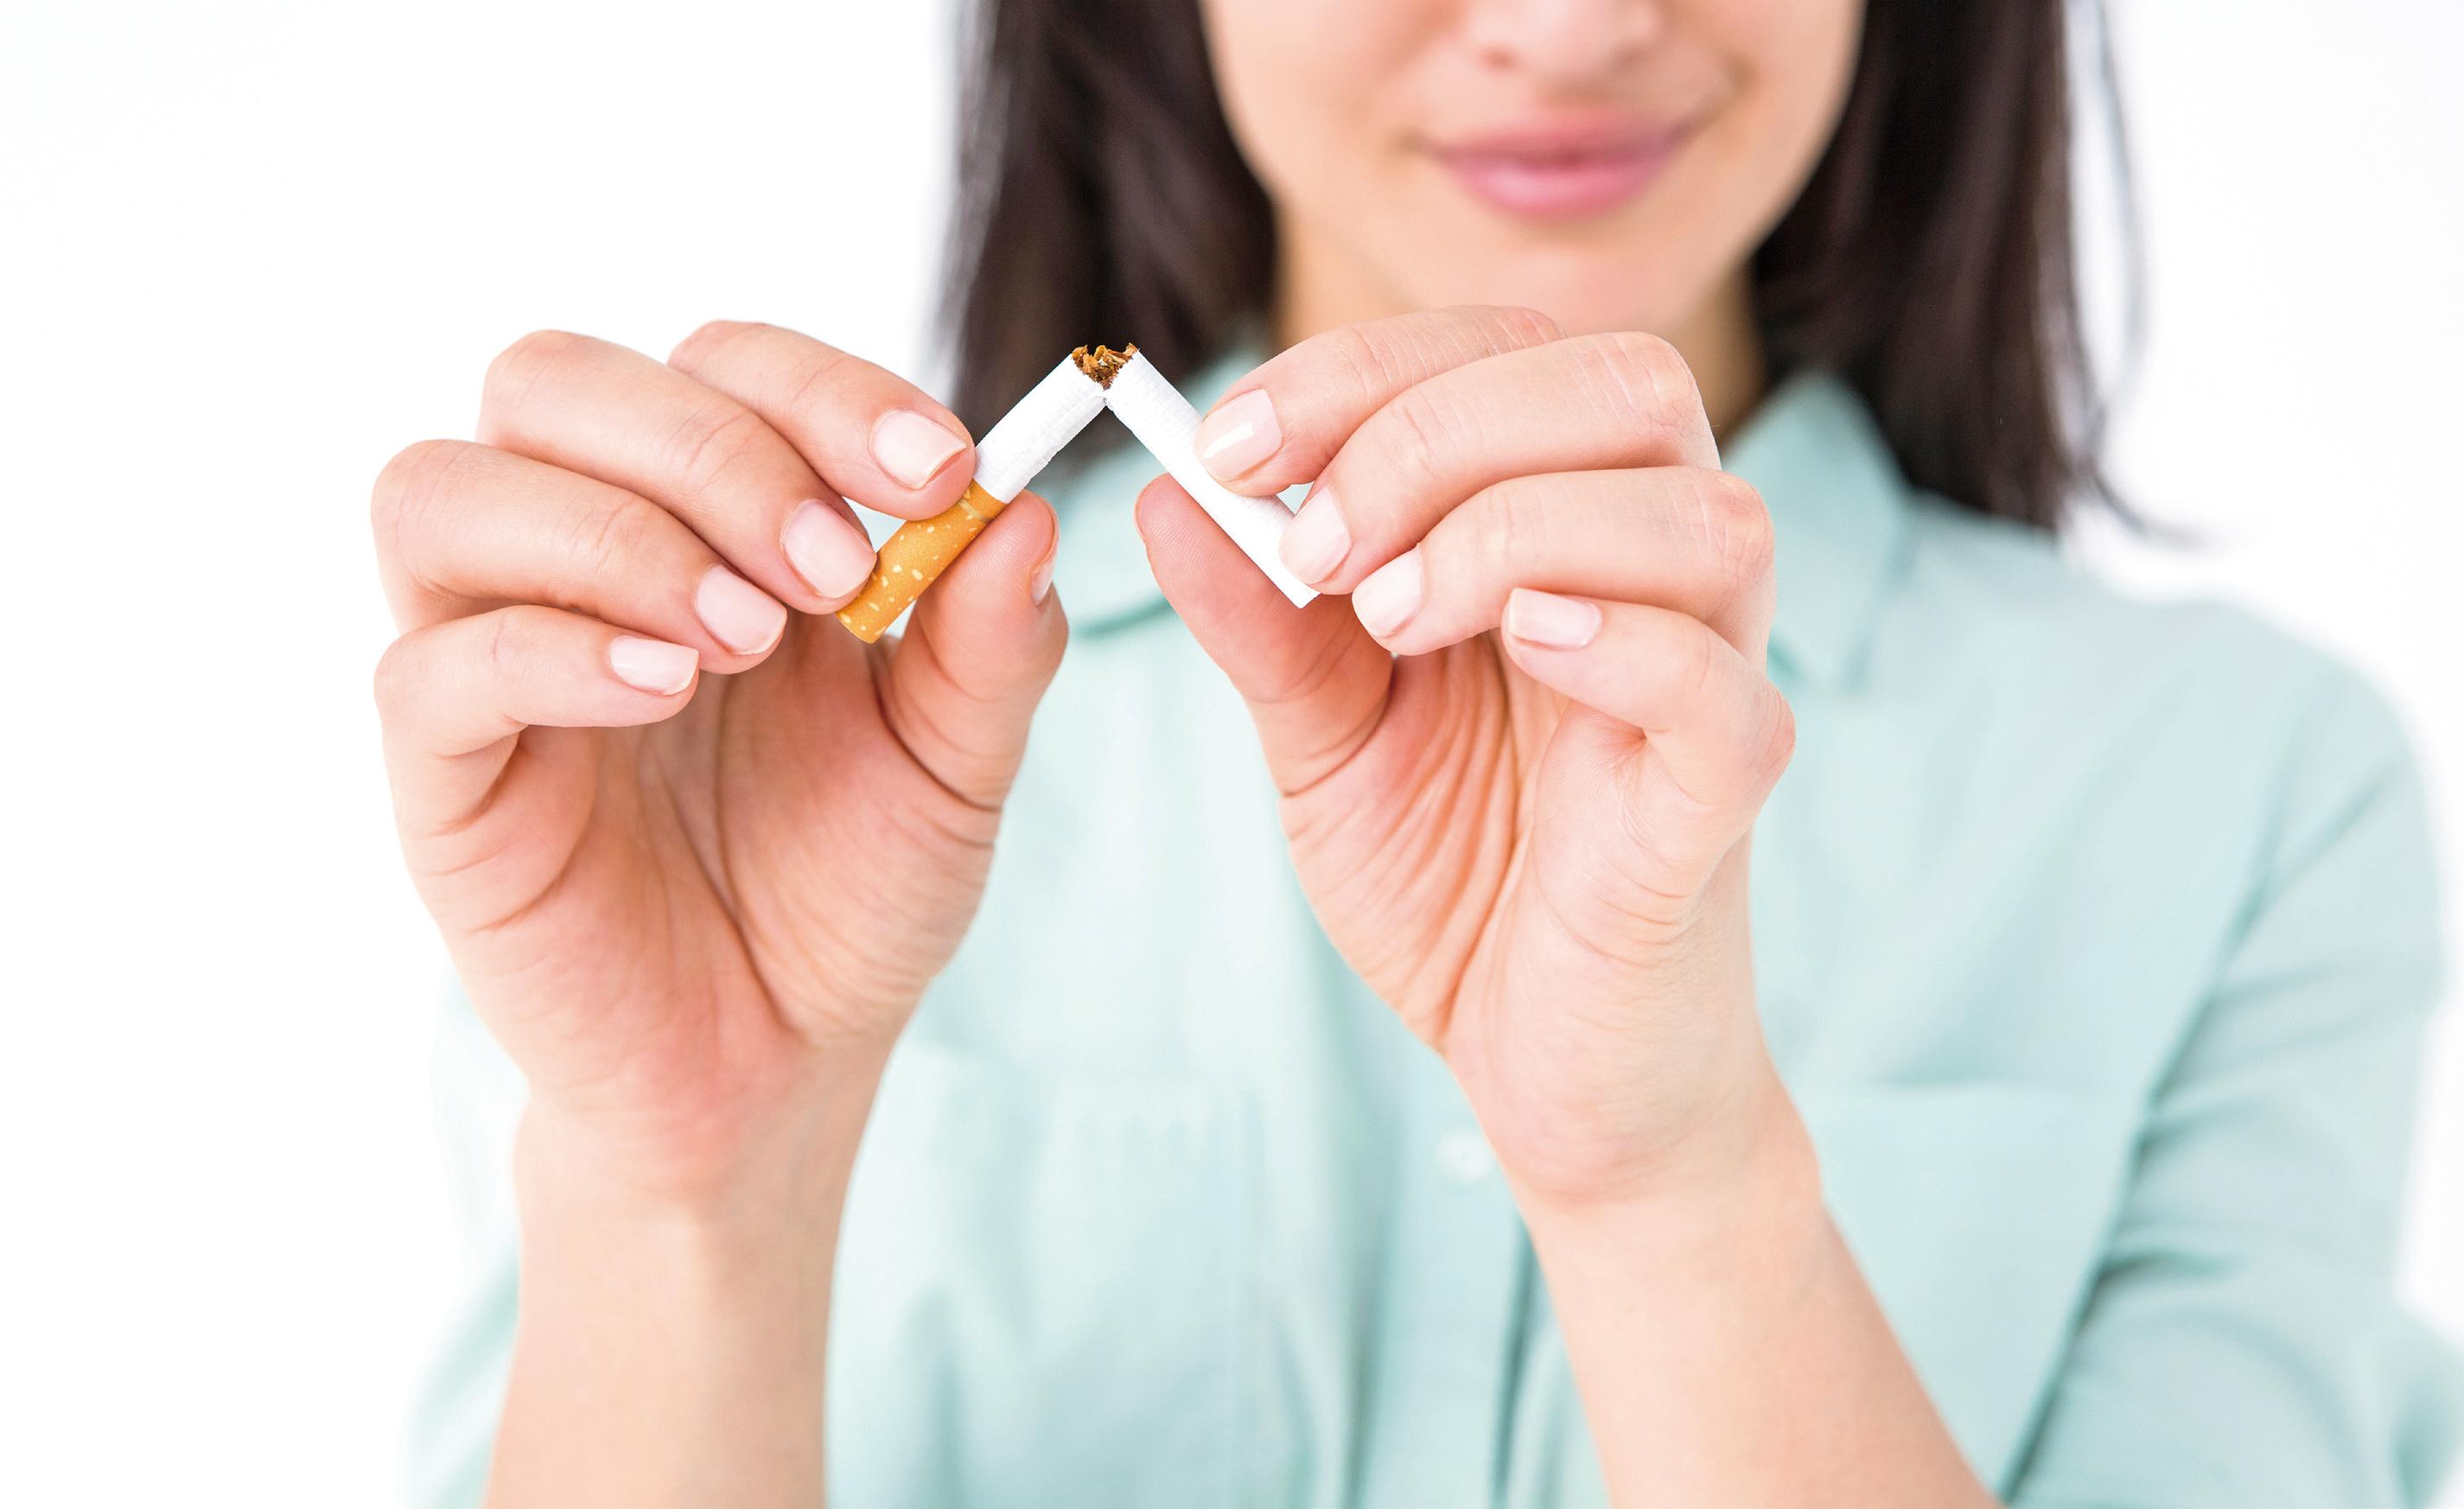 戒不掉的煙癮?